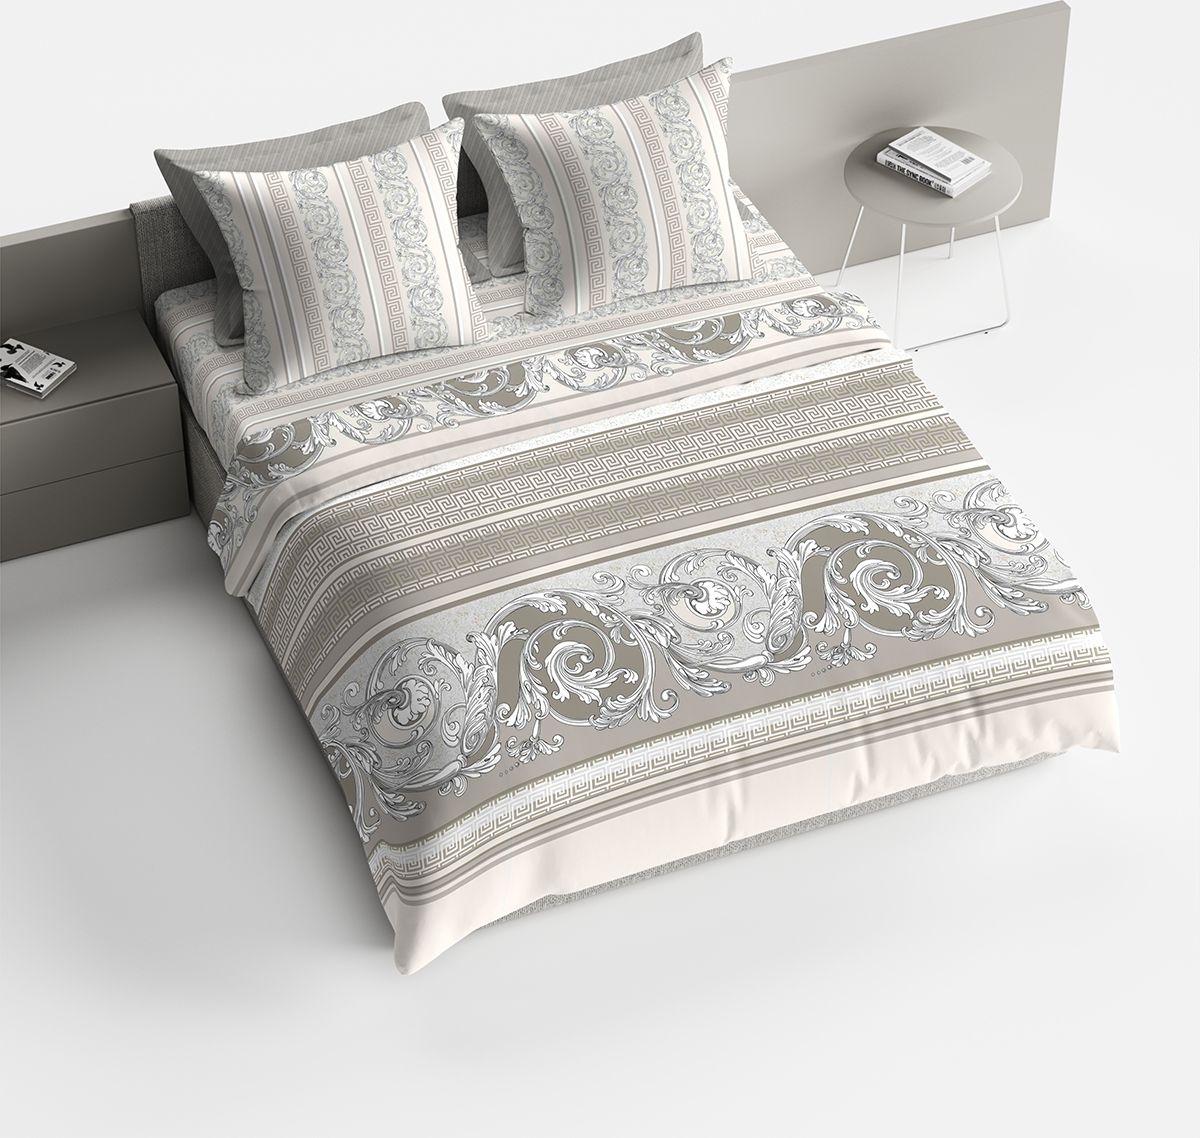 Комплект белья Браво Барокко, 2-спальное, наволочки 70x70, цвет: серый90412Комплекты постельного белья из ткани LUX COTTON (высококачественный поплин), сотканной из длинноволокнистого египетского хлопка, созданы специально для людей с оригинальным вкусом, предпочитающим современные решения в интерьере. Обновленная стильная упаковка делает этот комплект отличным подарком. • Равноплотная ткань из 100% хлопка; • Обработана по технологии мерсеризации и санфоризации; • Мягкая и нежная на ощупь; • Устойчива к трению; • Обладает высокими показателями гигроскопичности (впитывает влагу); • Выдерживает частые стирки, сохраняя первоначальные цвет, форму и размеры; • Безопасные красители ведущего немецкого производителя BEZEMA